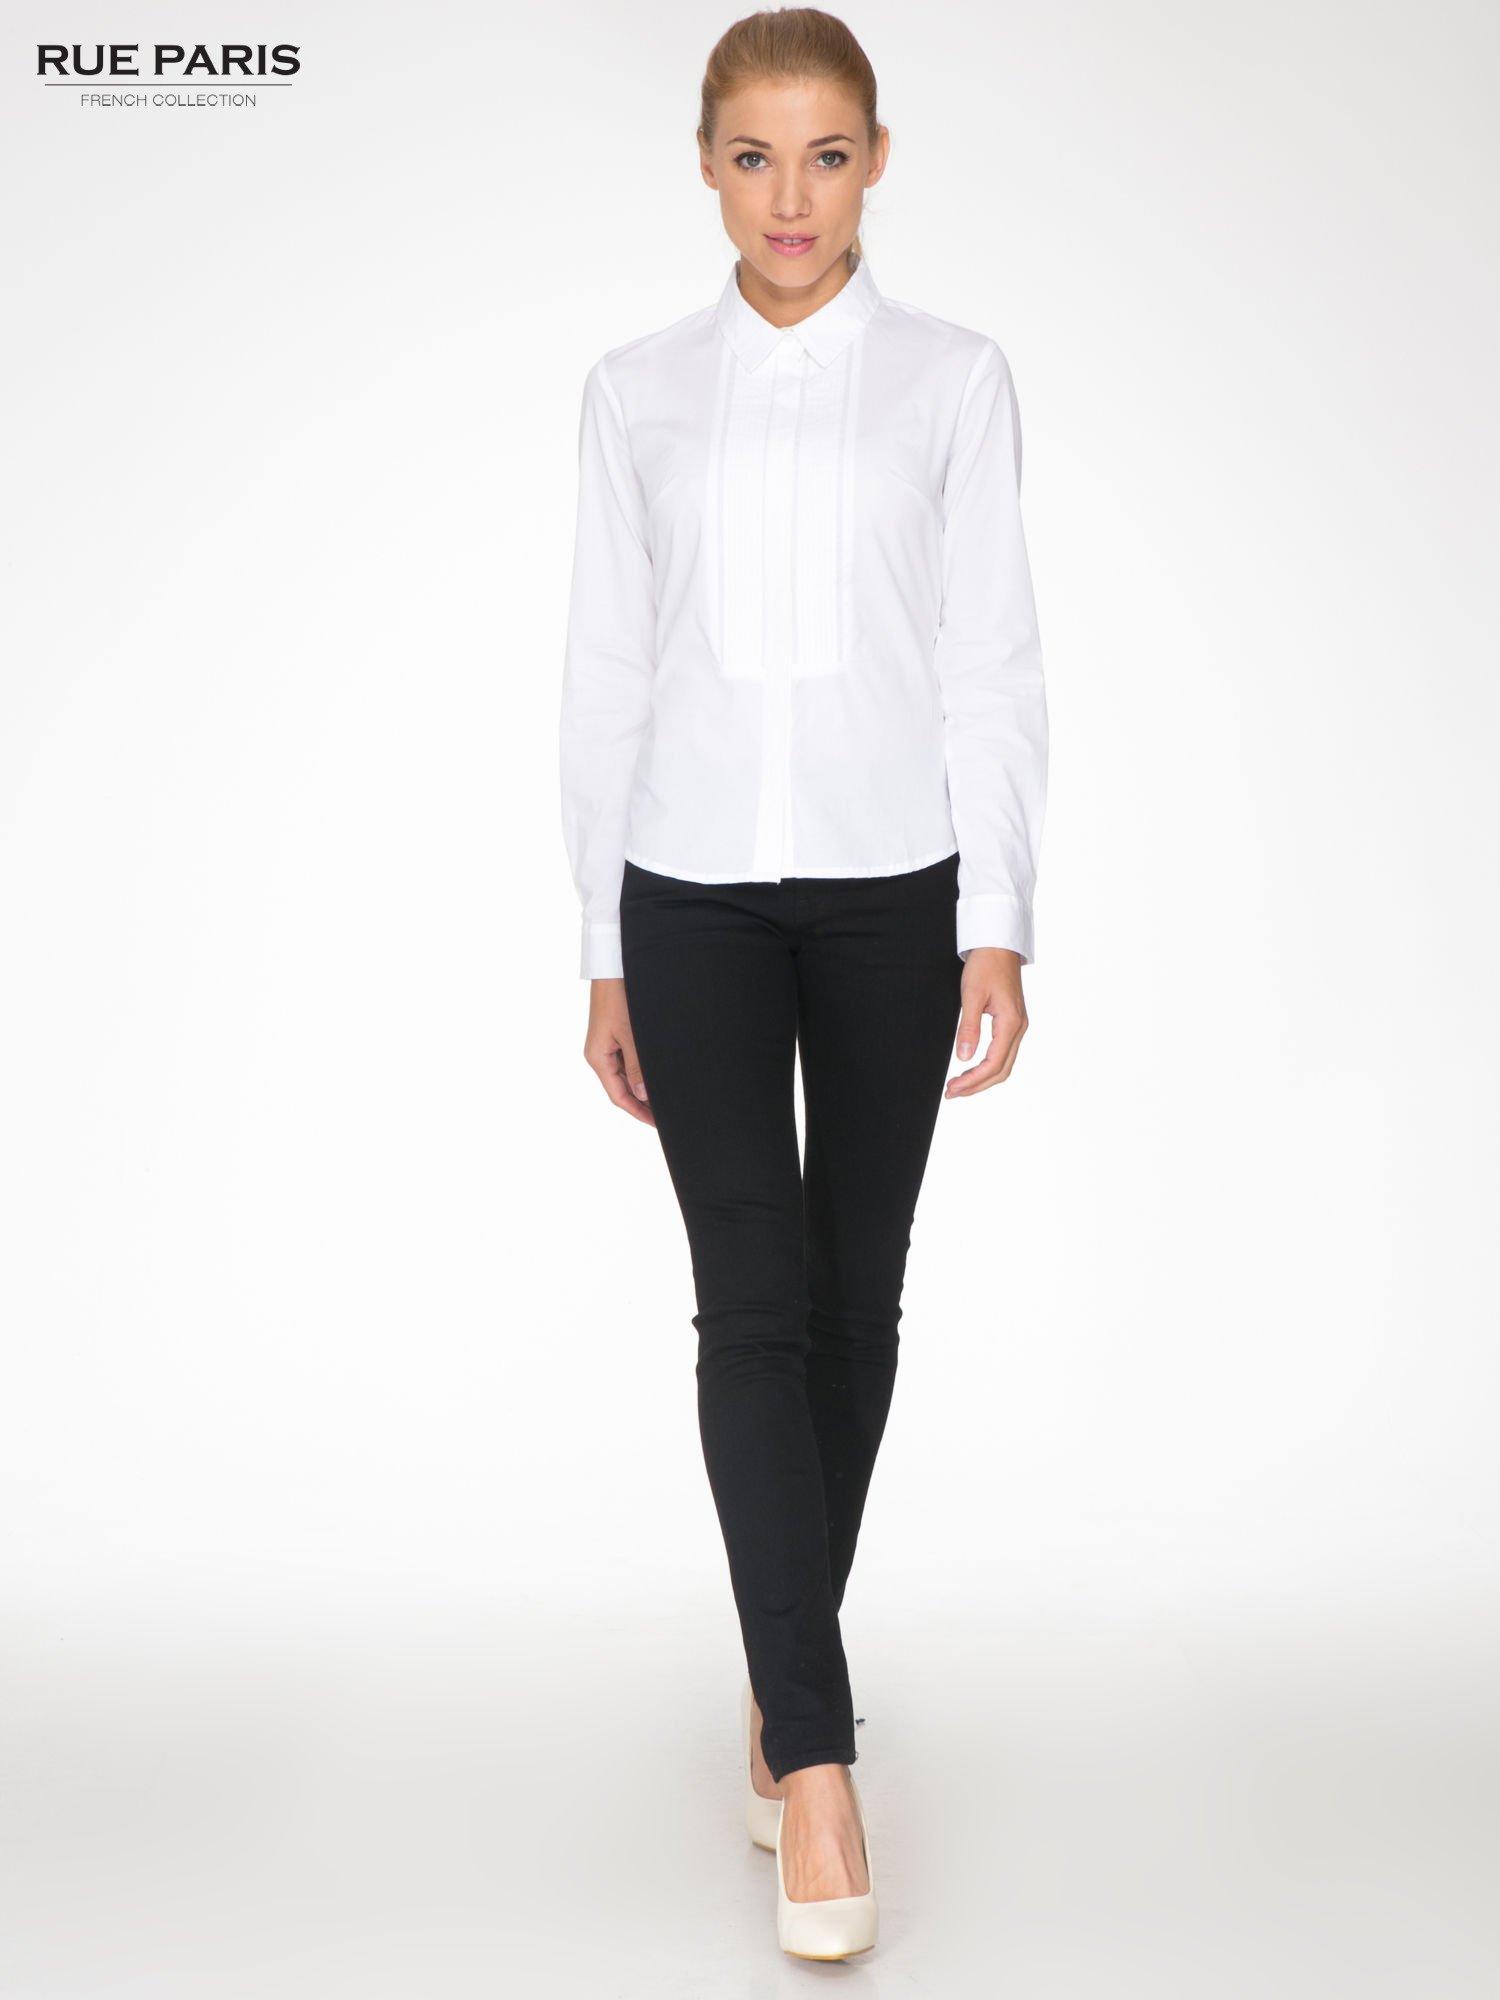 Biała elegancka koszula damska z marszczonym przodem                                  zdj.                                  2